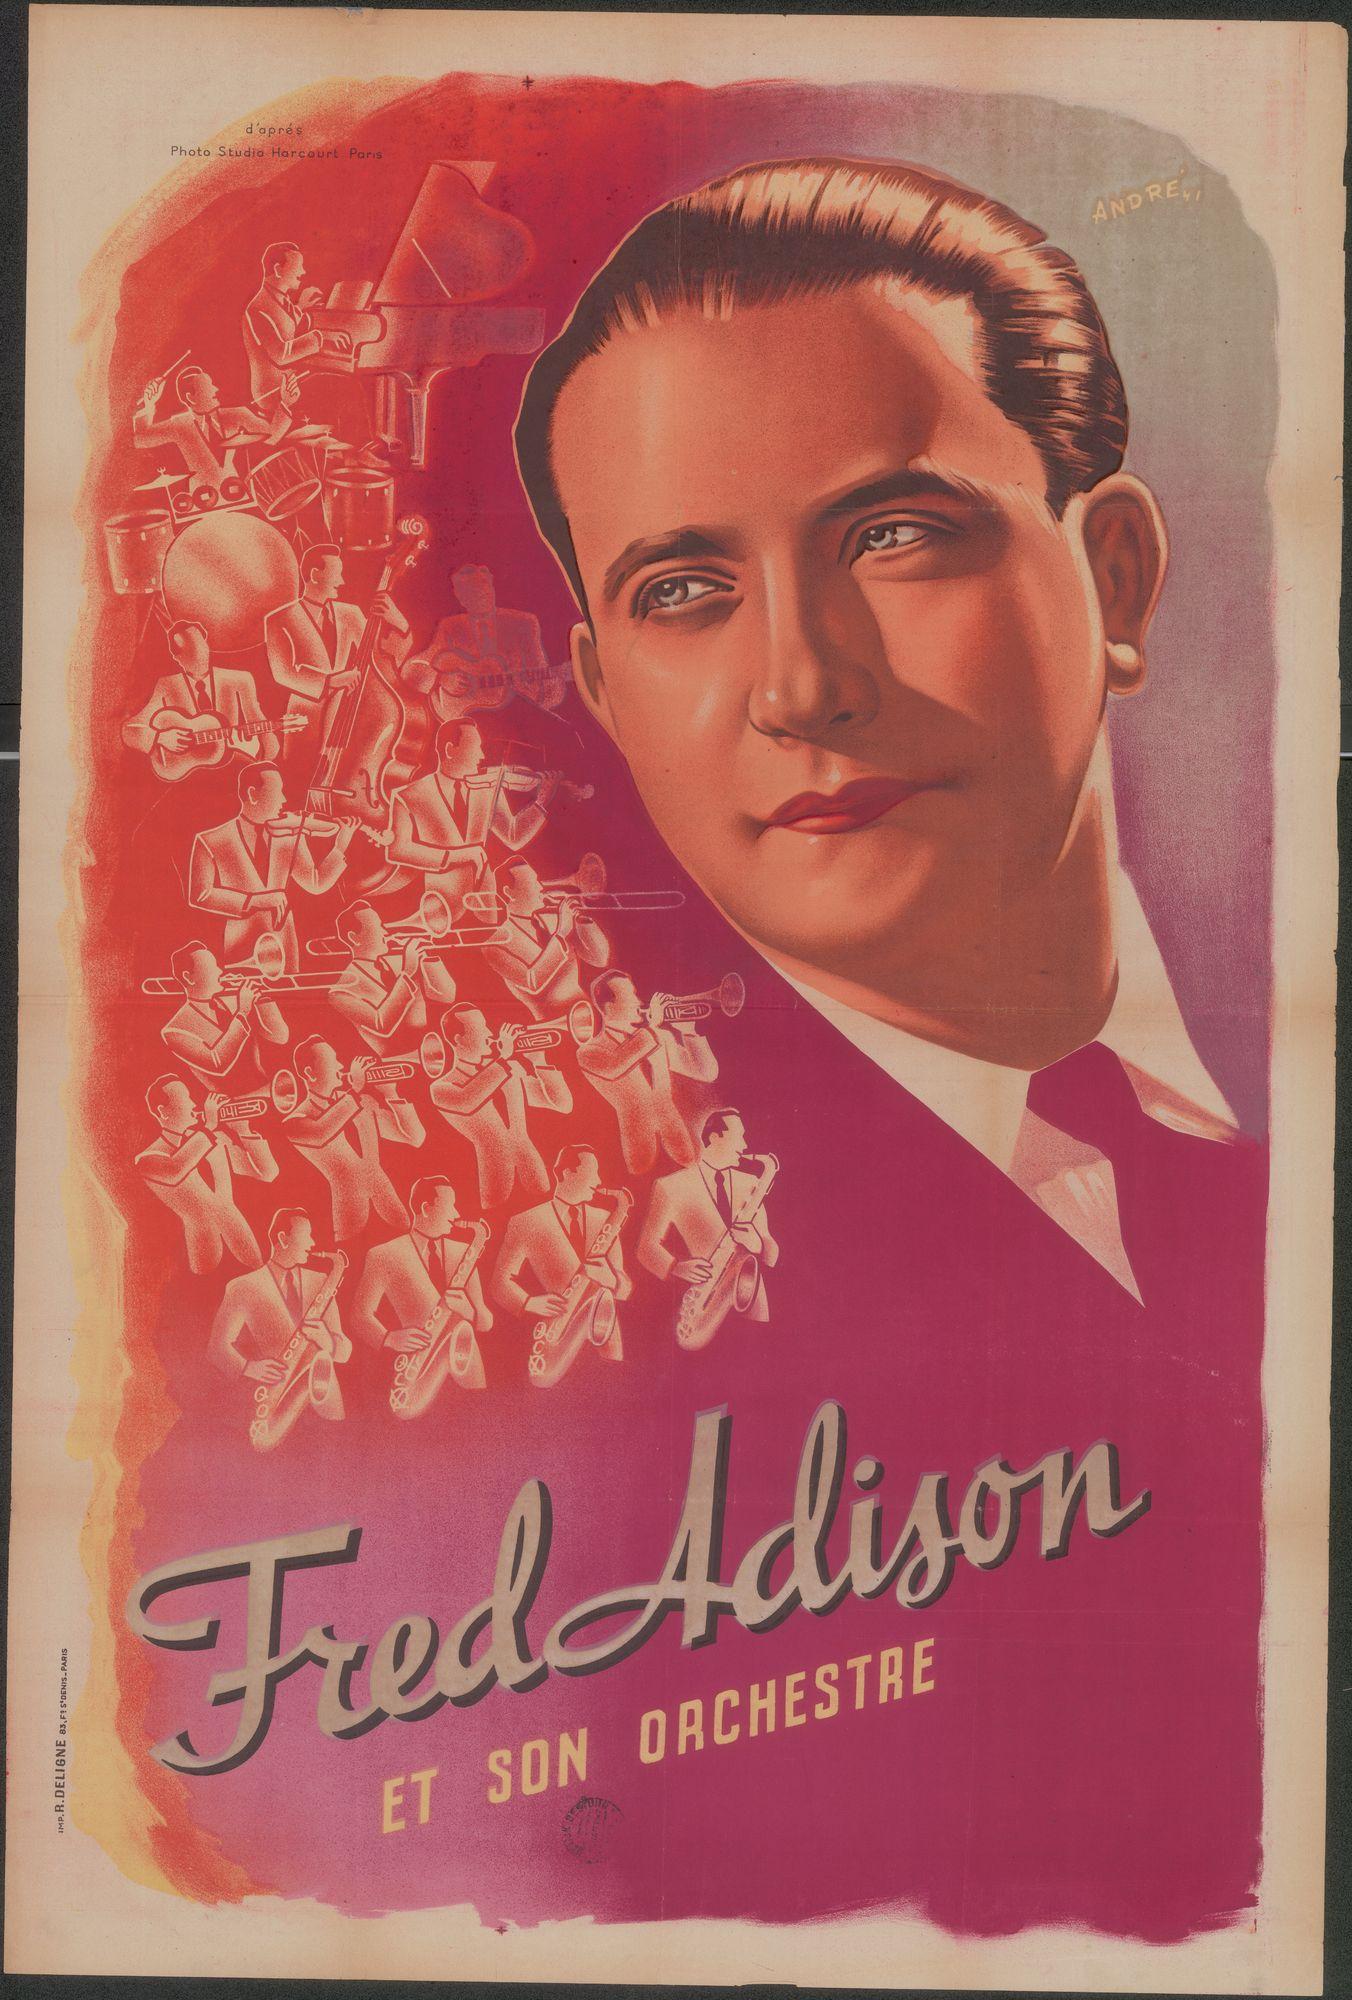 Fred Adison et son orchestre, 1947